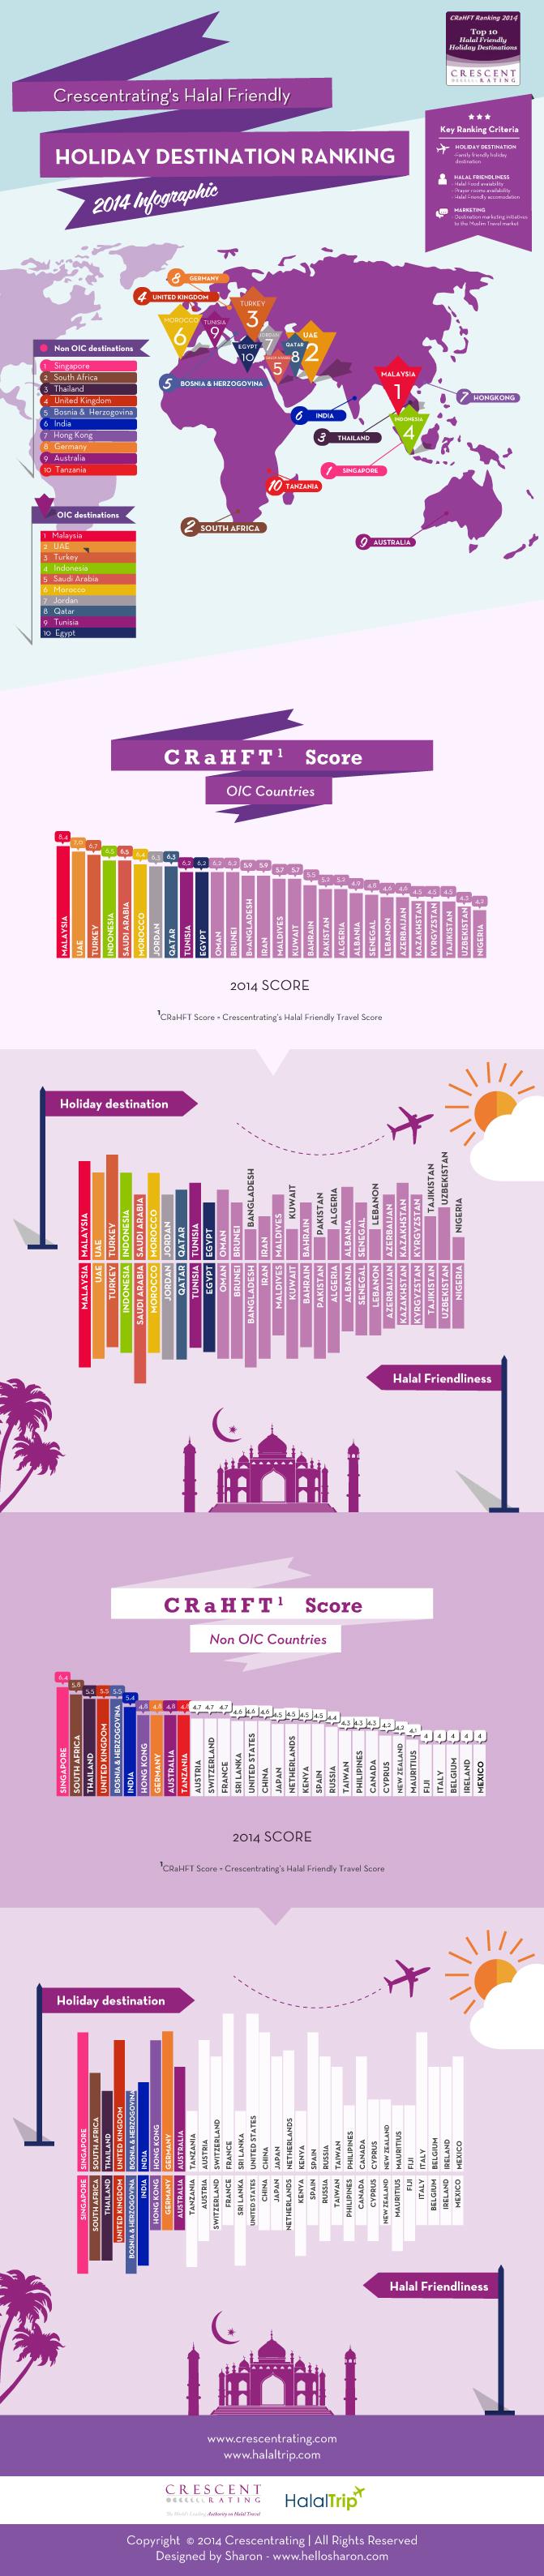 tourisme halal infographie